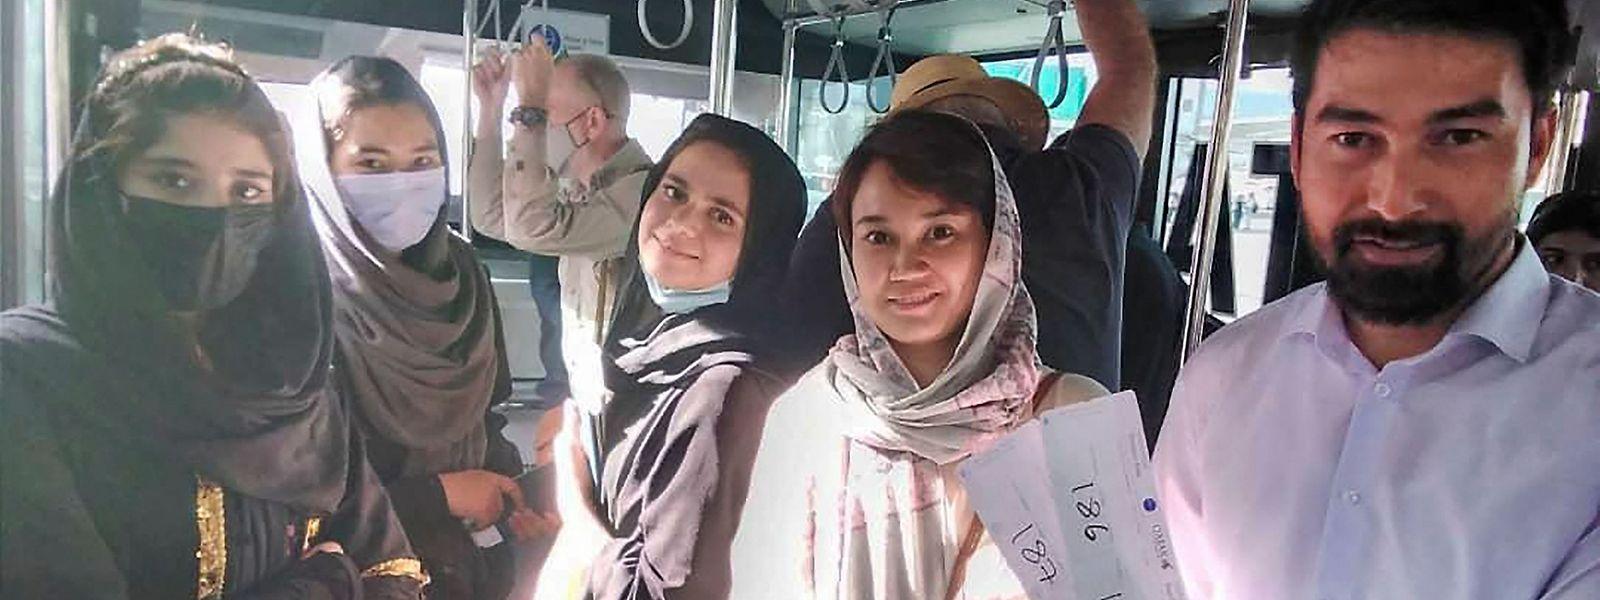 Estudantes de música afegãos no autocarro que os levou ao aeroporto de Cabul onde deixaram o país por temer represálias.